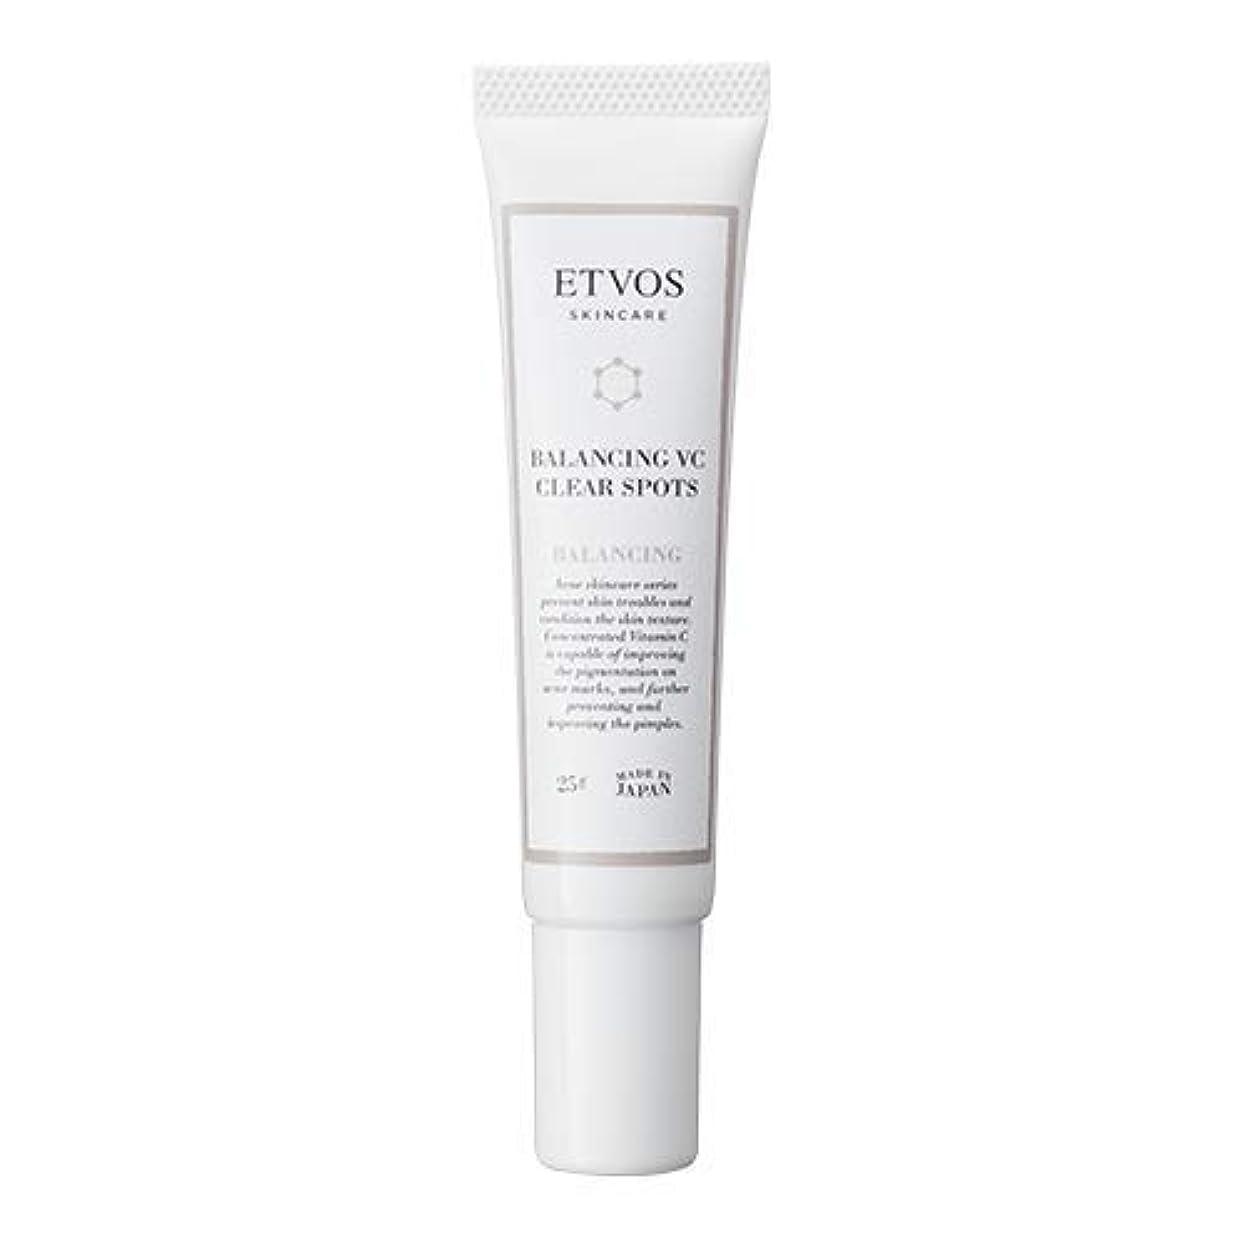 気難しい寮口述するETVOS(エトヴォス) 肌荒れ防止美容液 バランシングVCクリアスポッツ 25g アゼライン酸 おでこ/あご/頭皮